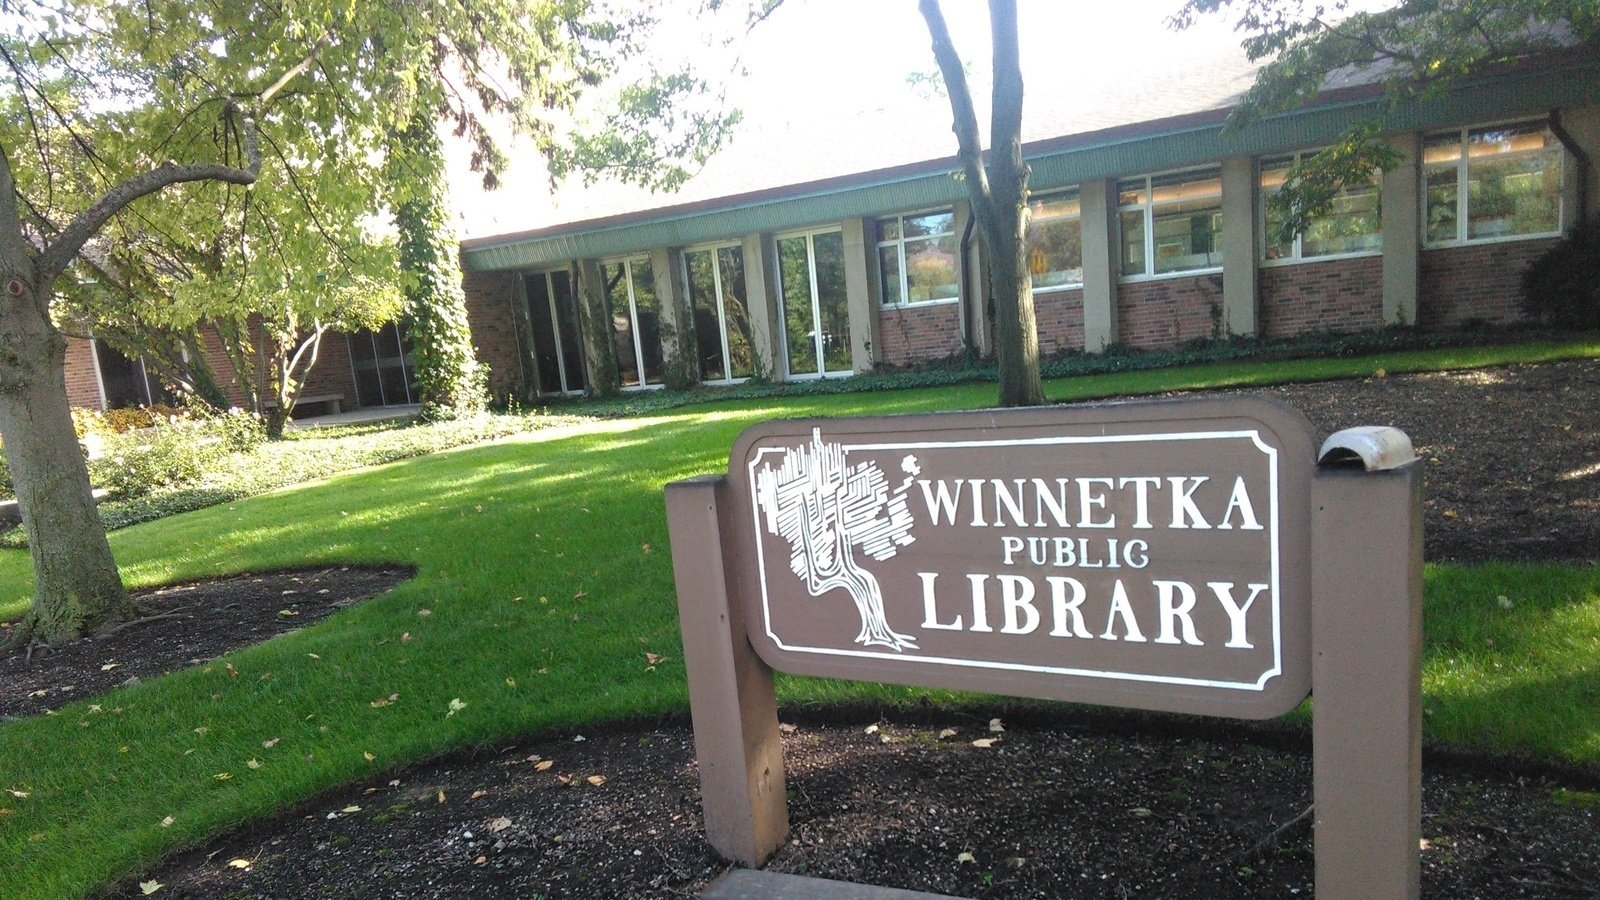 Winnetka-Northfield library